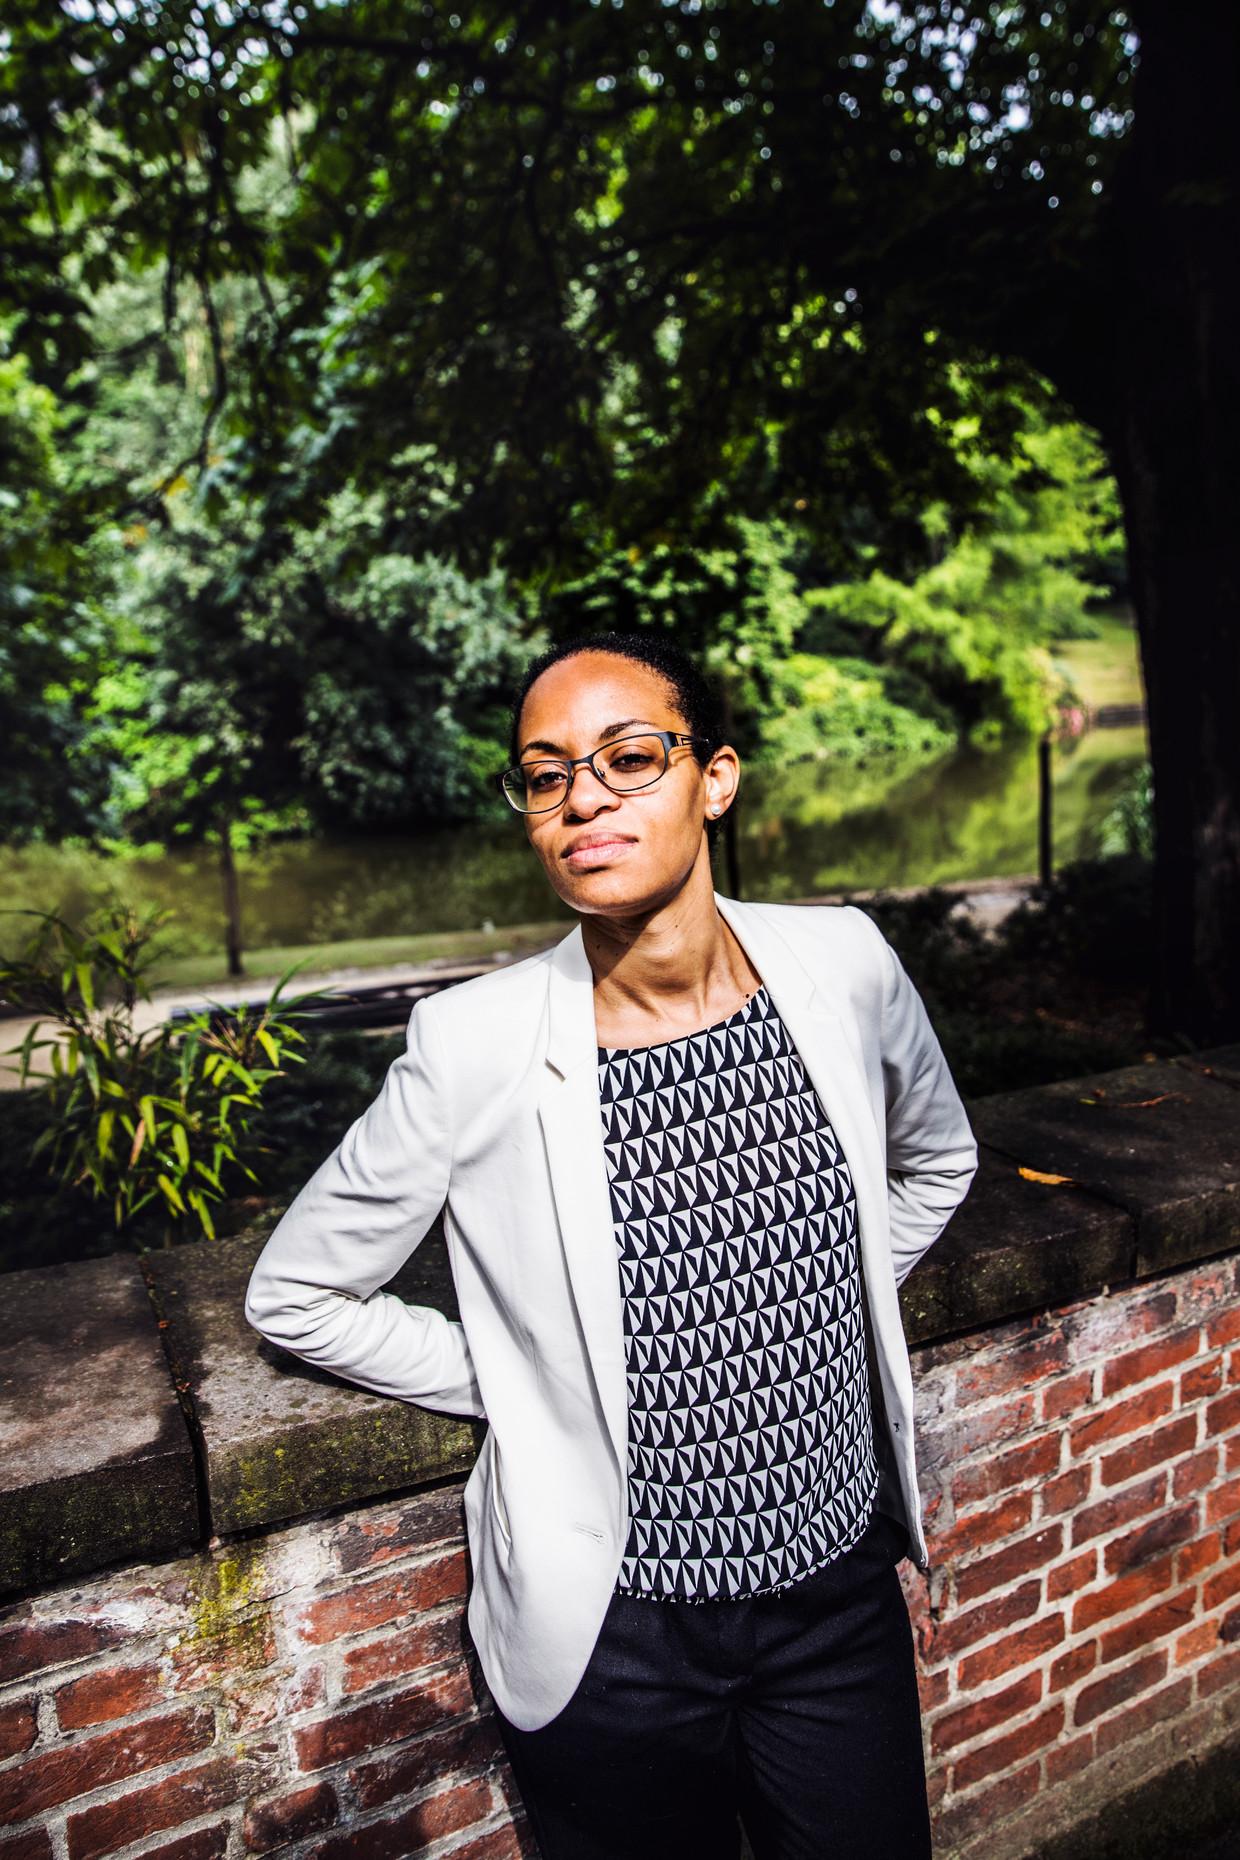 De zoektocht van Nadia Nsayi naar haar familiegeschiedenis was 'fascinerend', maar op sommige momenten werd ze echt geraakt.